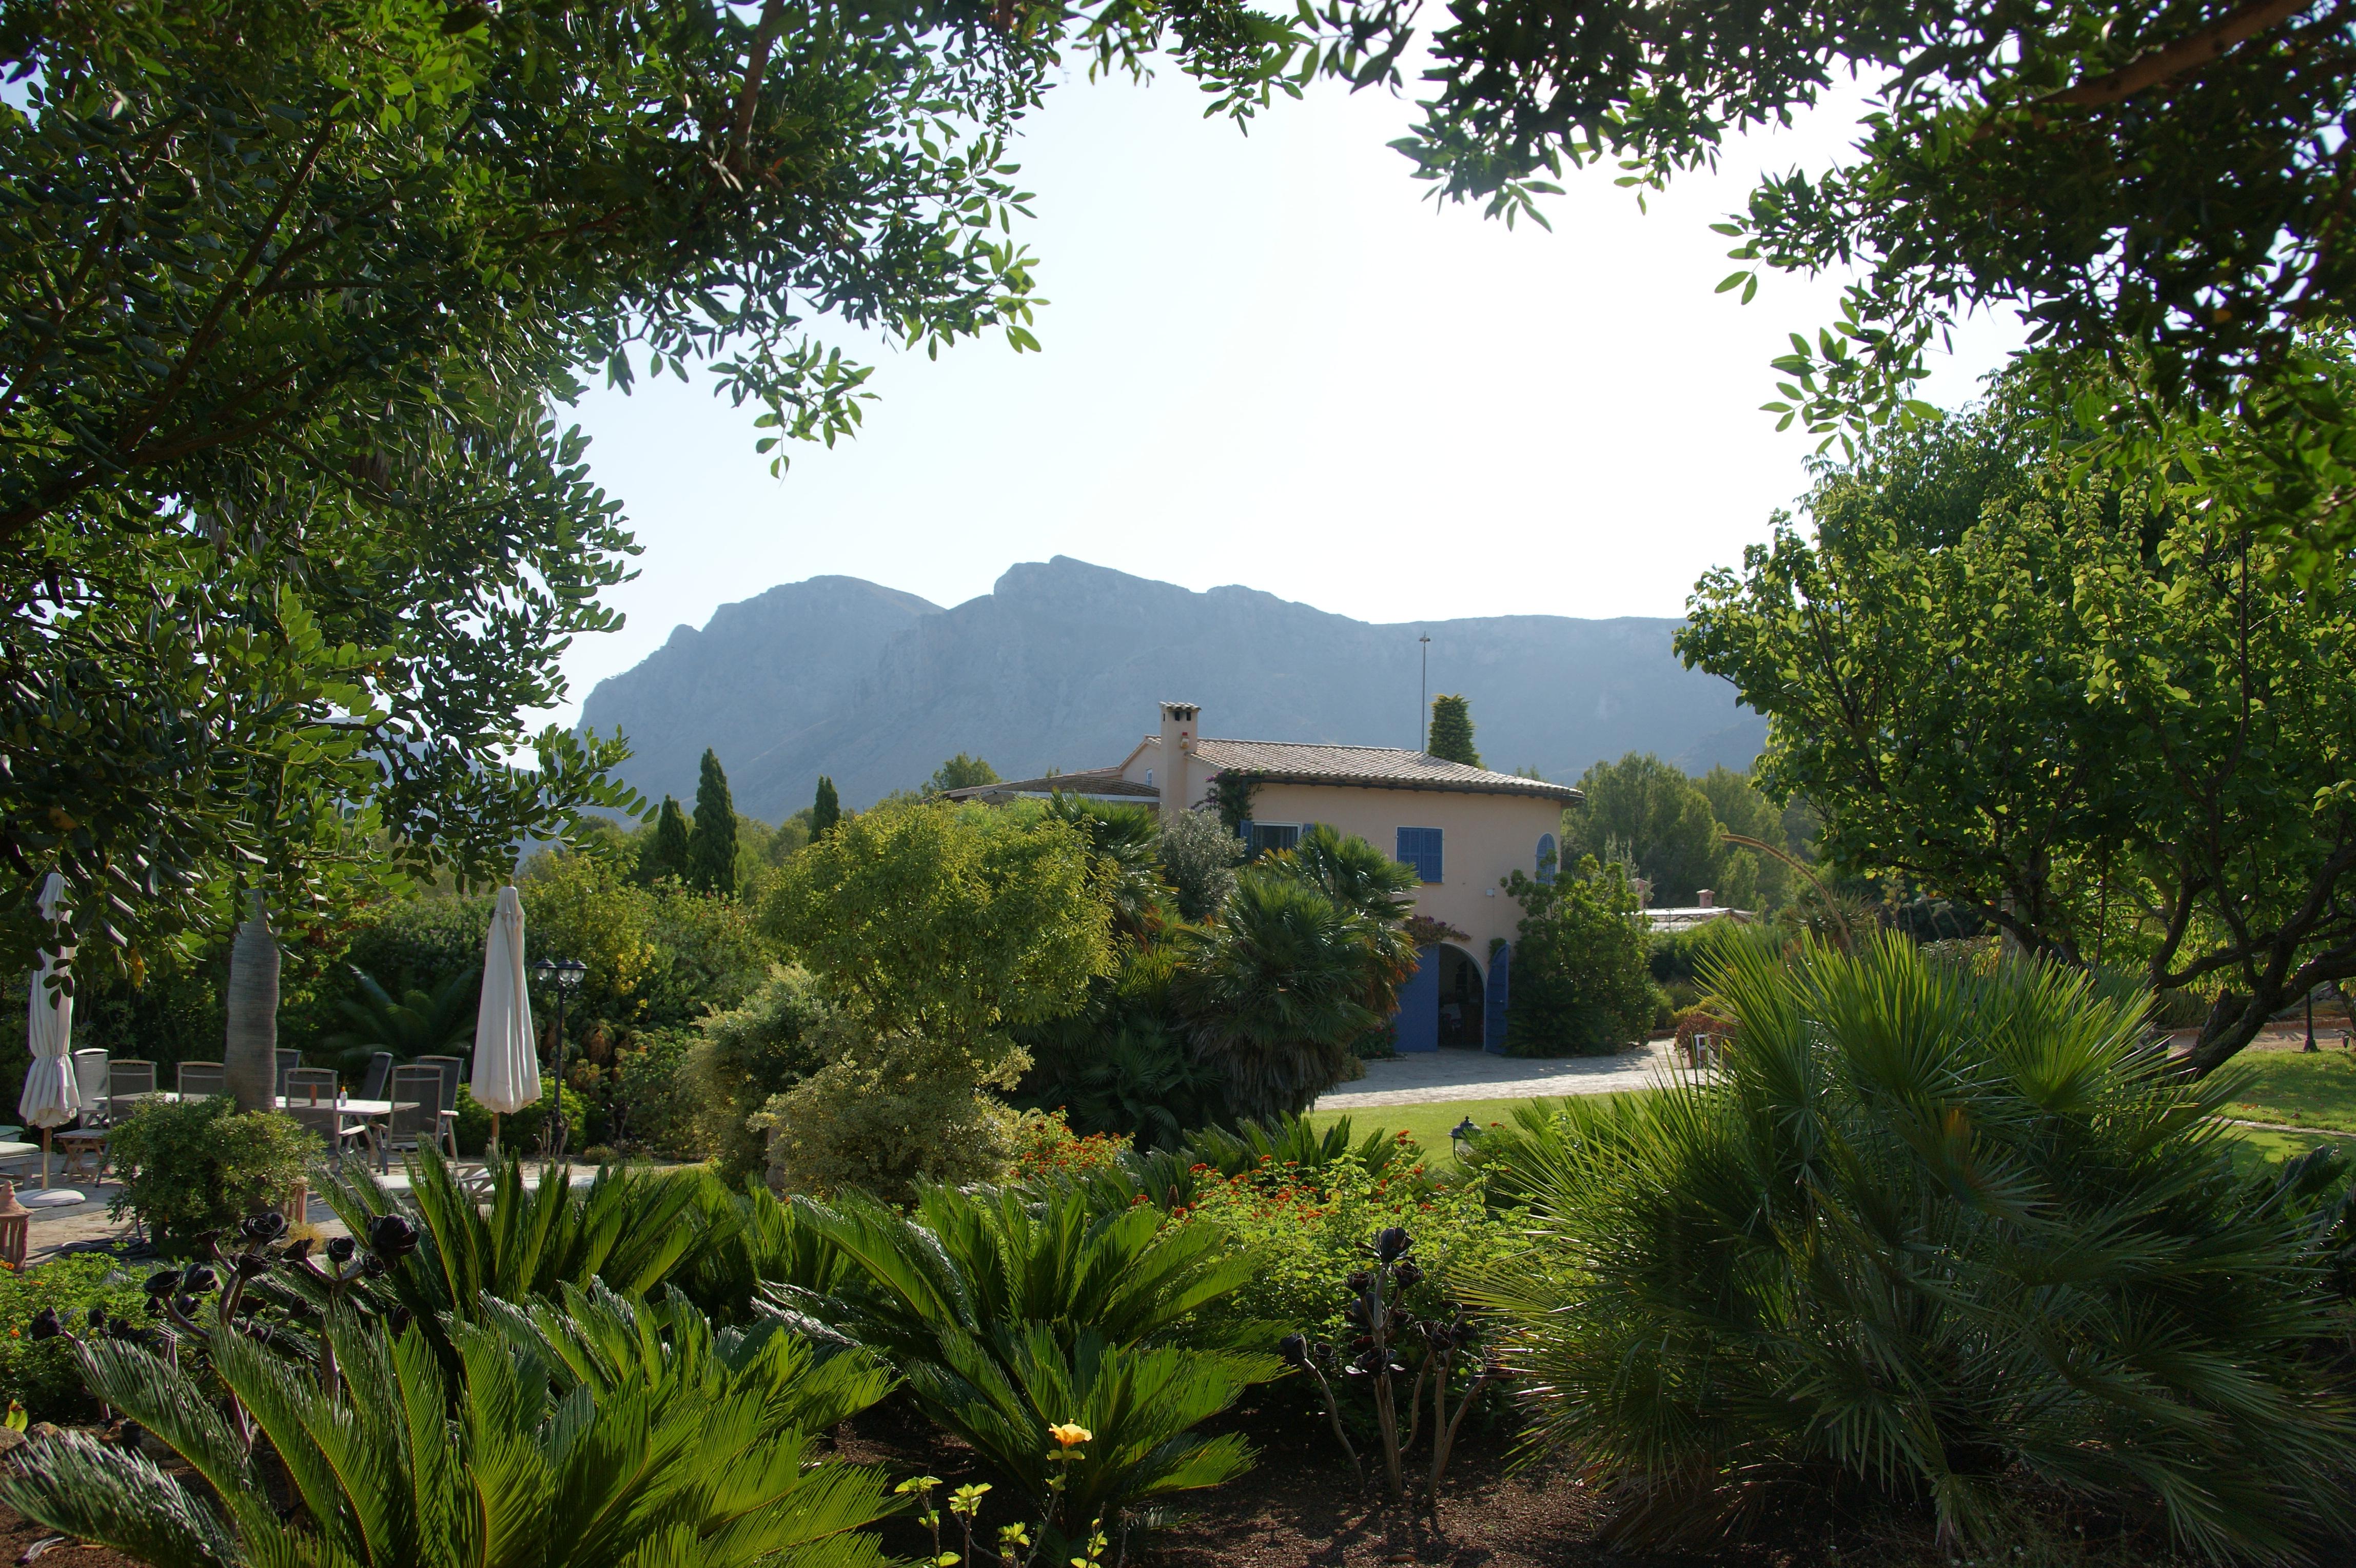 Gartenaussicht / garden view